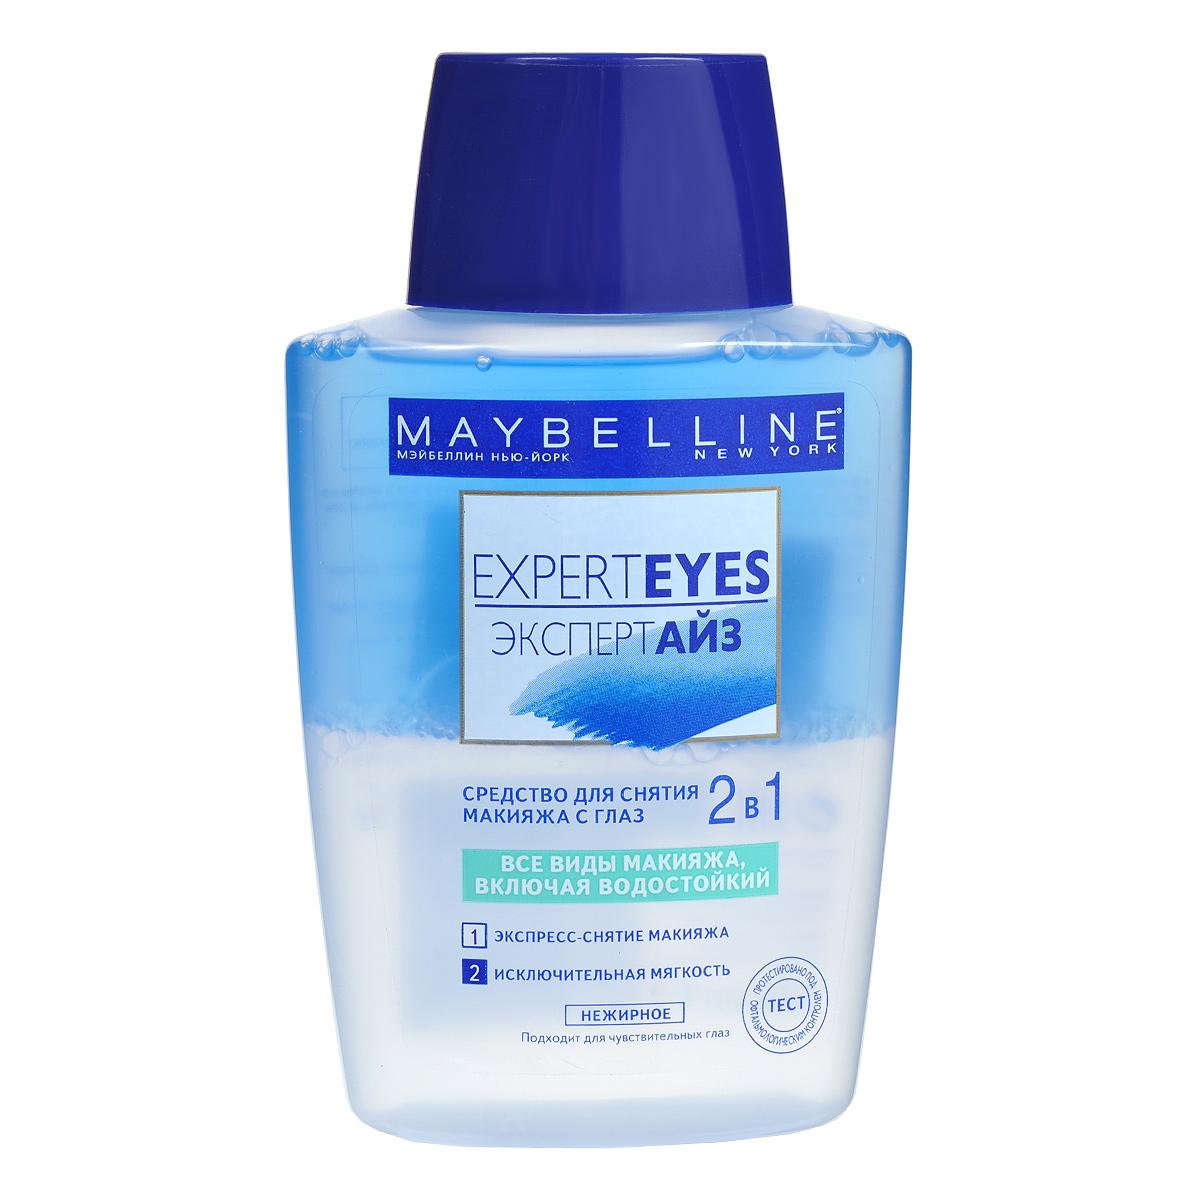 Maybelline New York Средство для снятия макияжа с глаз 2 в 1 ExpertEyes, двухфазное, 125 млB1535400ГОЛУБОЙ СЛОЙ обогащен мягкими очищающими маслами, поэтому мгновенно снимает даже самый стойкий макияж. ПРОЗРАЧНЫЙ НИЖНИЙ СЛОЙ – на водной основе, снимает остатки макияжа, делая кожу век свежей и отдохнувшей. Средство снимает все виды макияжа, включая водойстойкий. Подходит для чувствительных глаз, протестирован и одобрен офтальмологами. Перед использованием средства смешайте два слоя, тщательно встряхнув флакон. 125 мл.